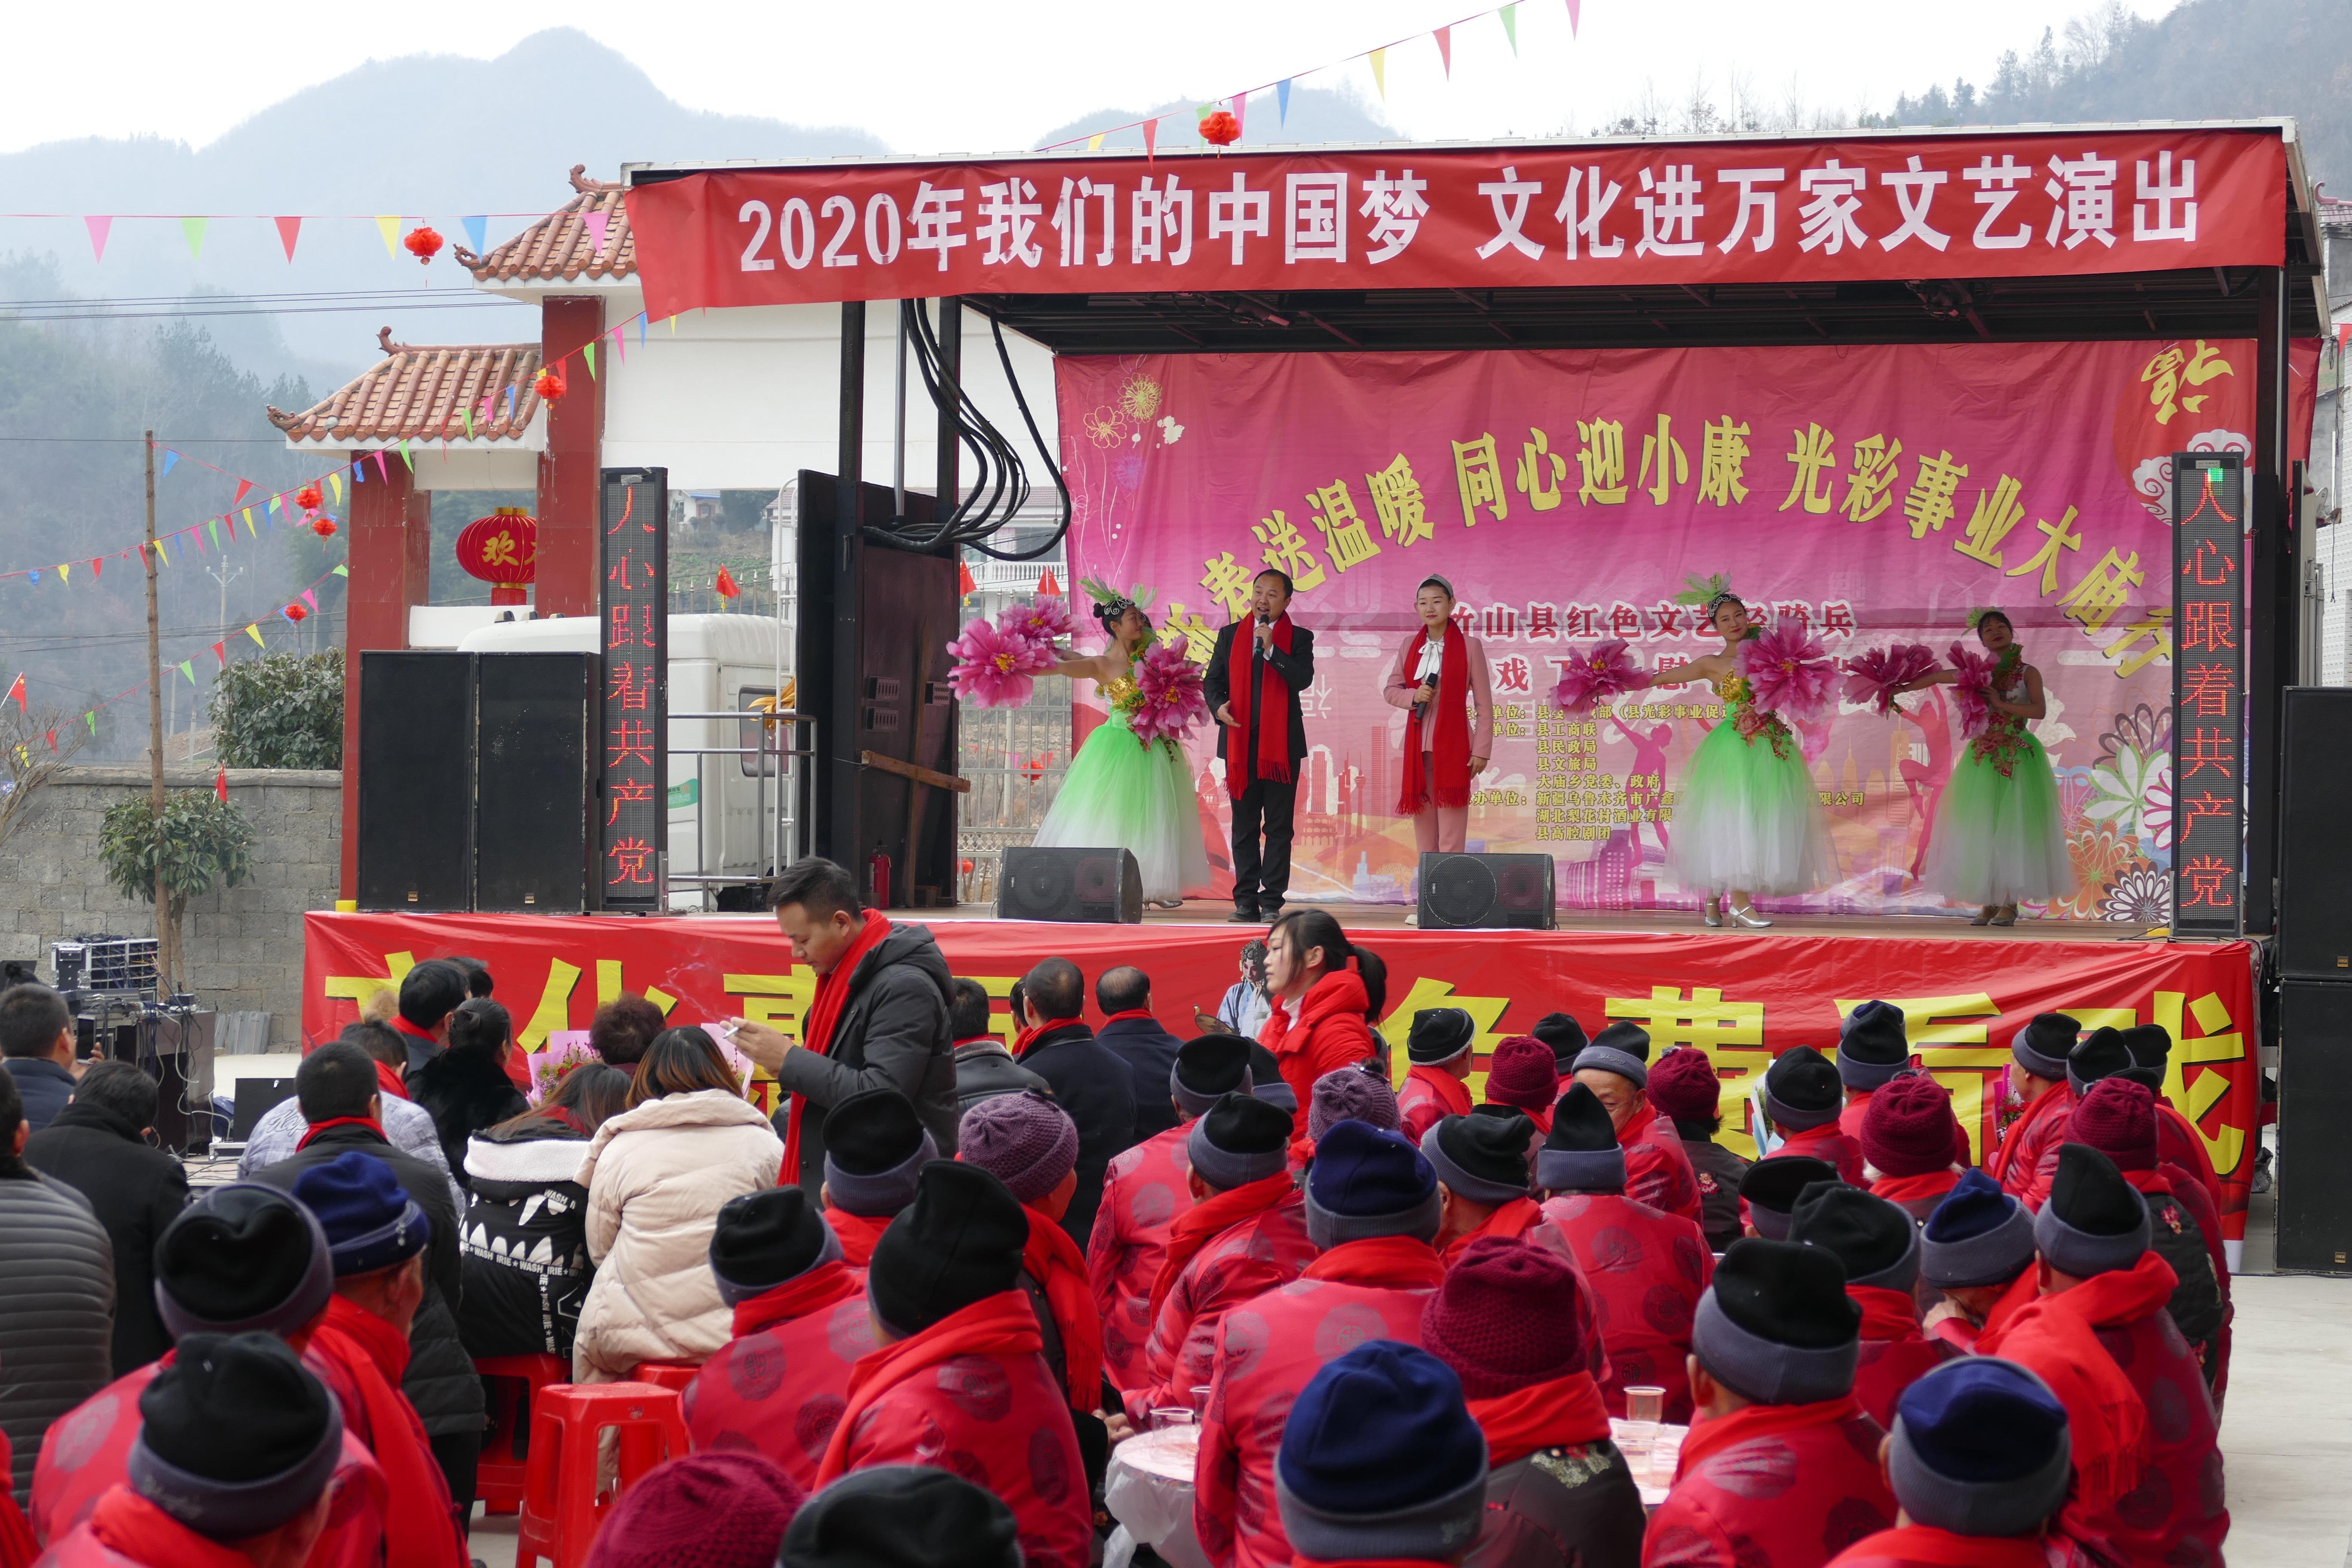 竹山启动2020年文化进万家活动